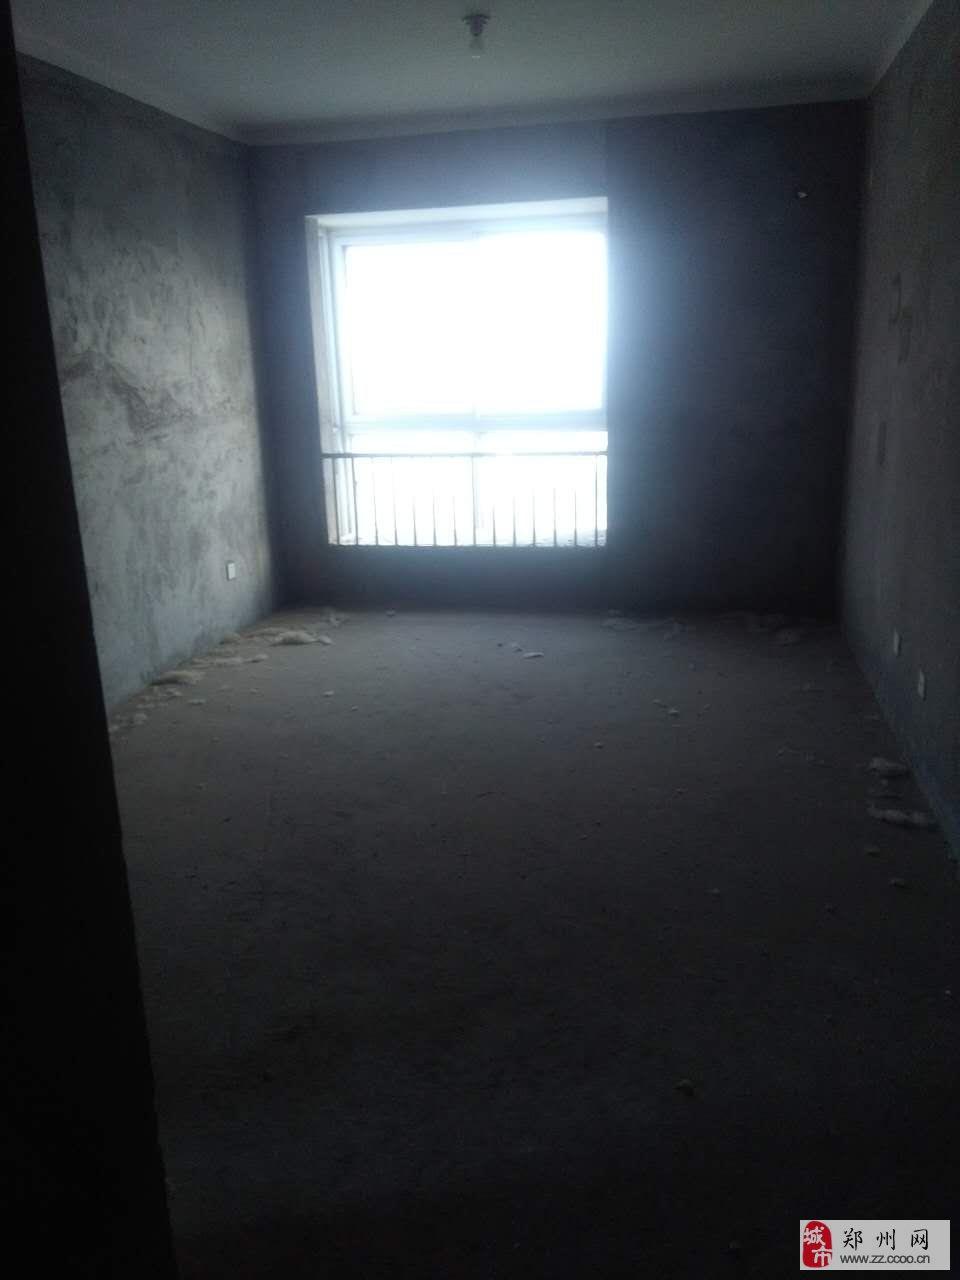 龙湖新嘉苑,紧邻地铁口,免税,电梯洋房仅售72万